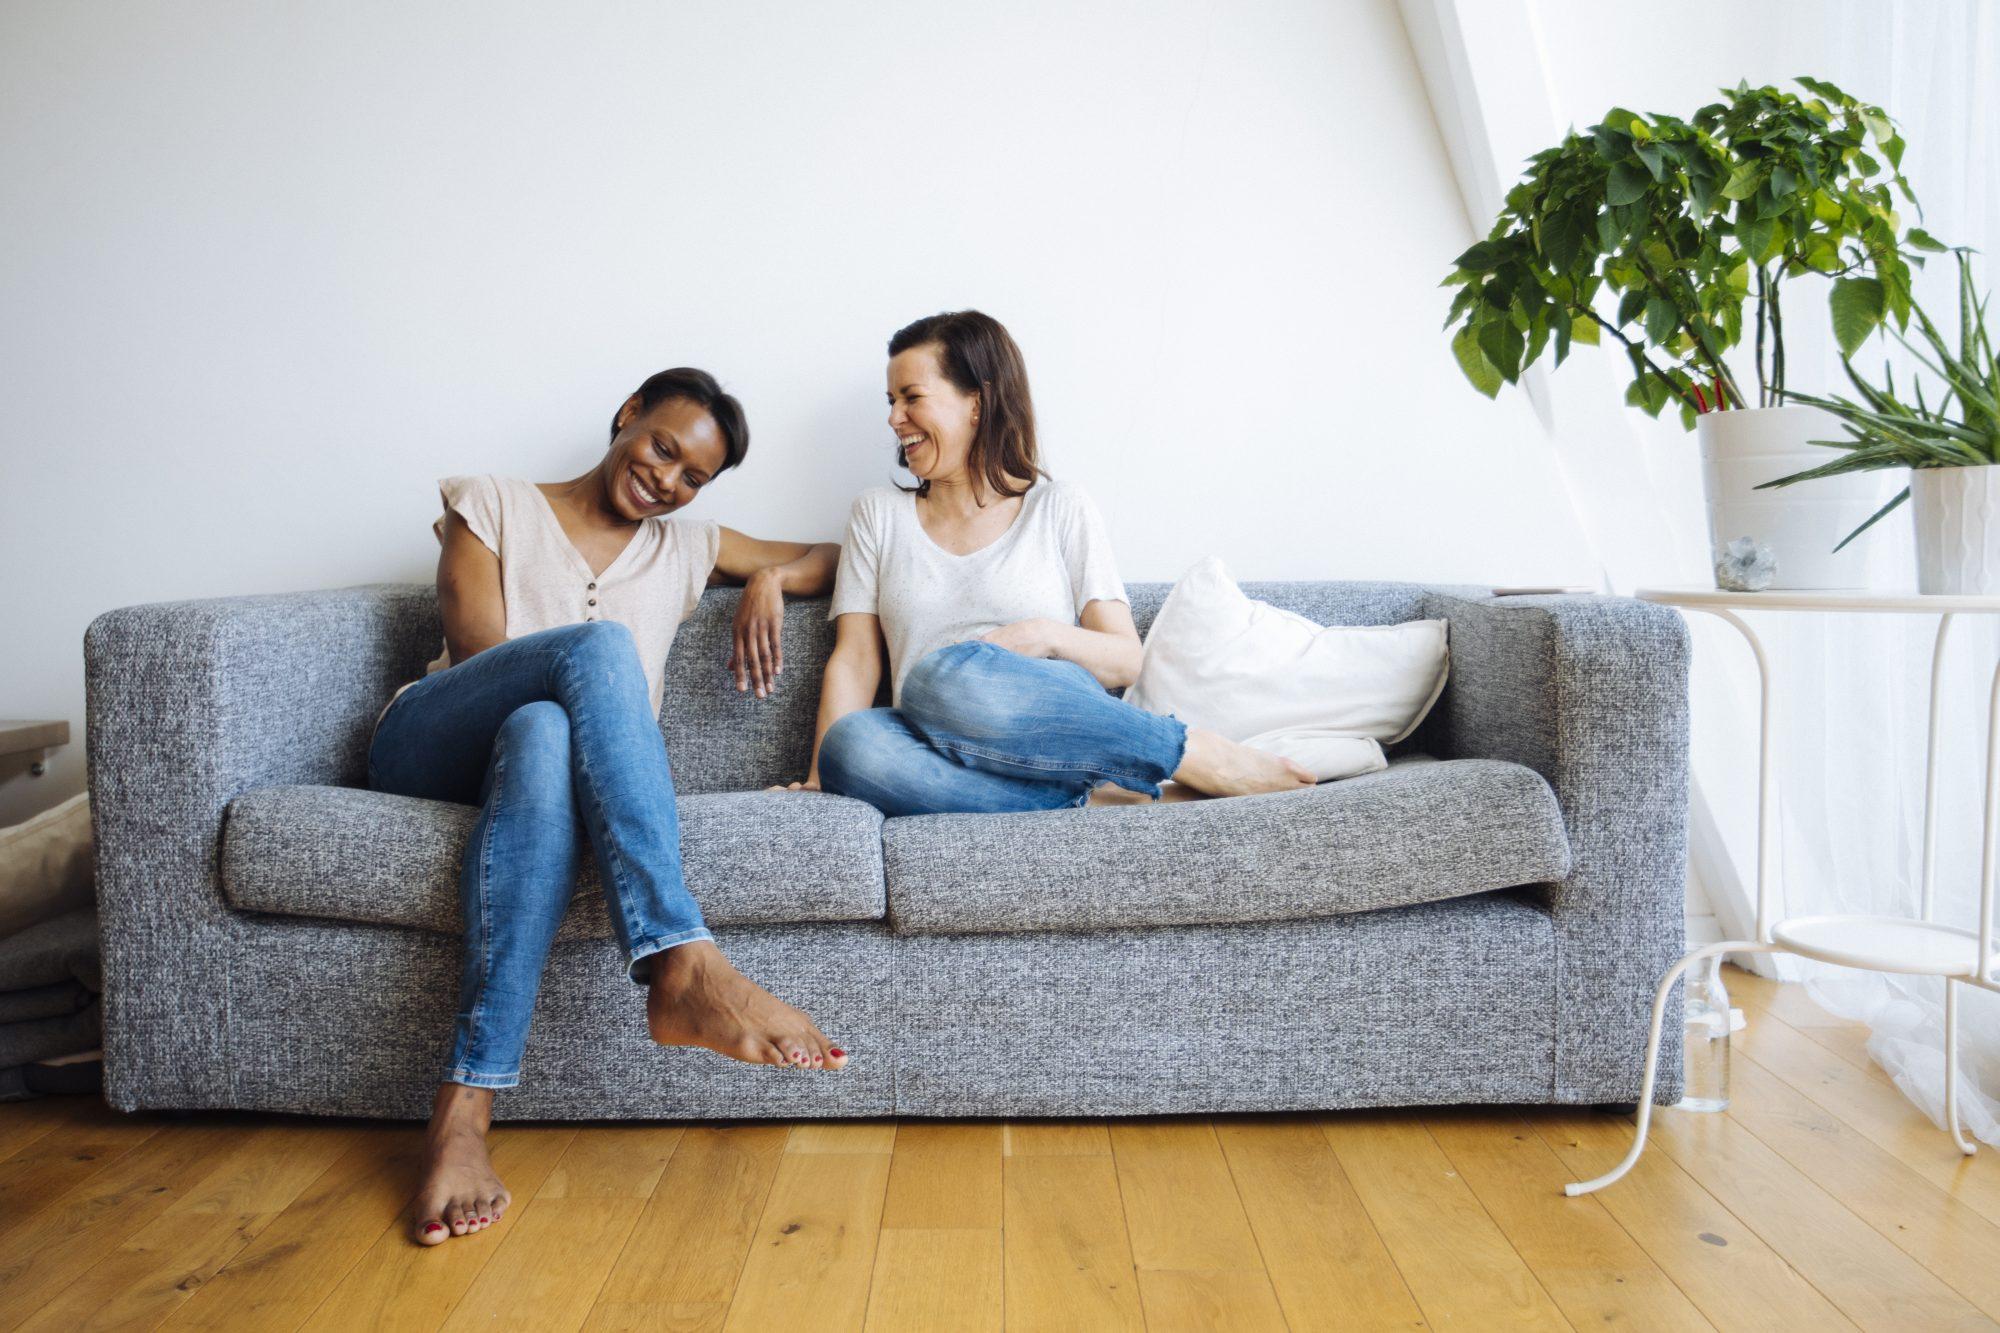 Interracial couple, Interracial relationship